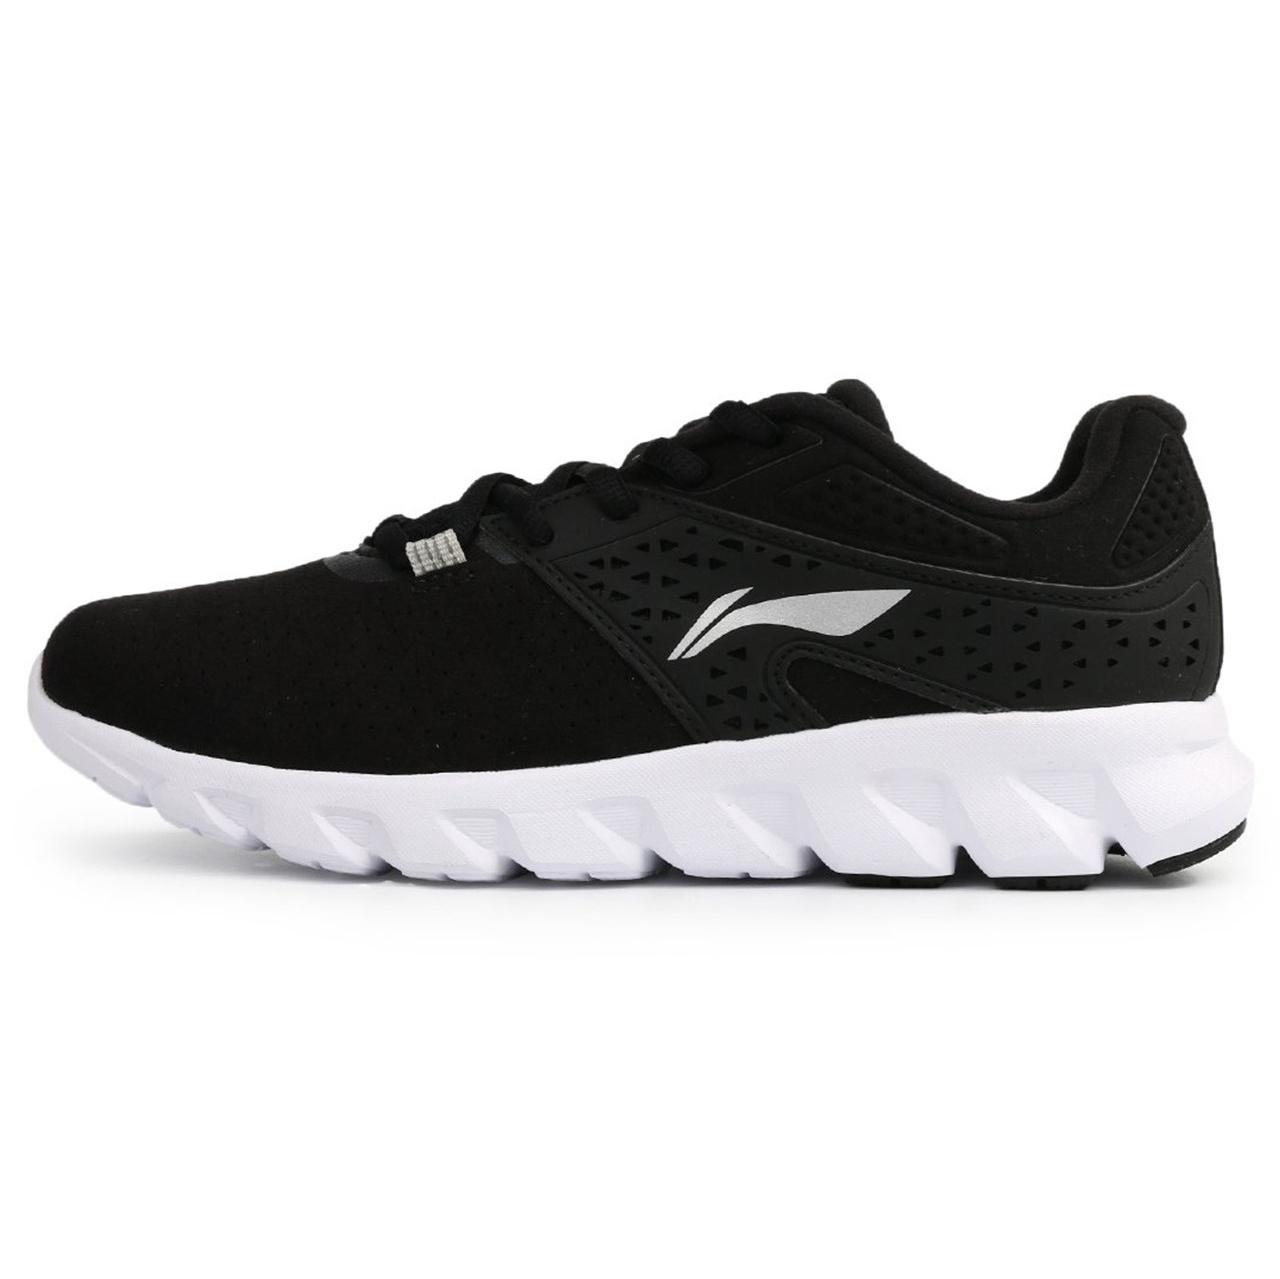 کفش مخصوص پیاده روی زنانه لی نینگ مدل ARHM004-2